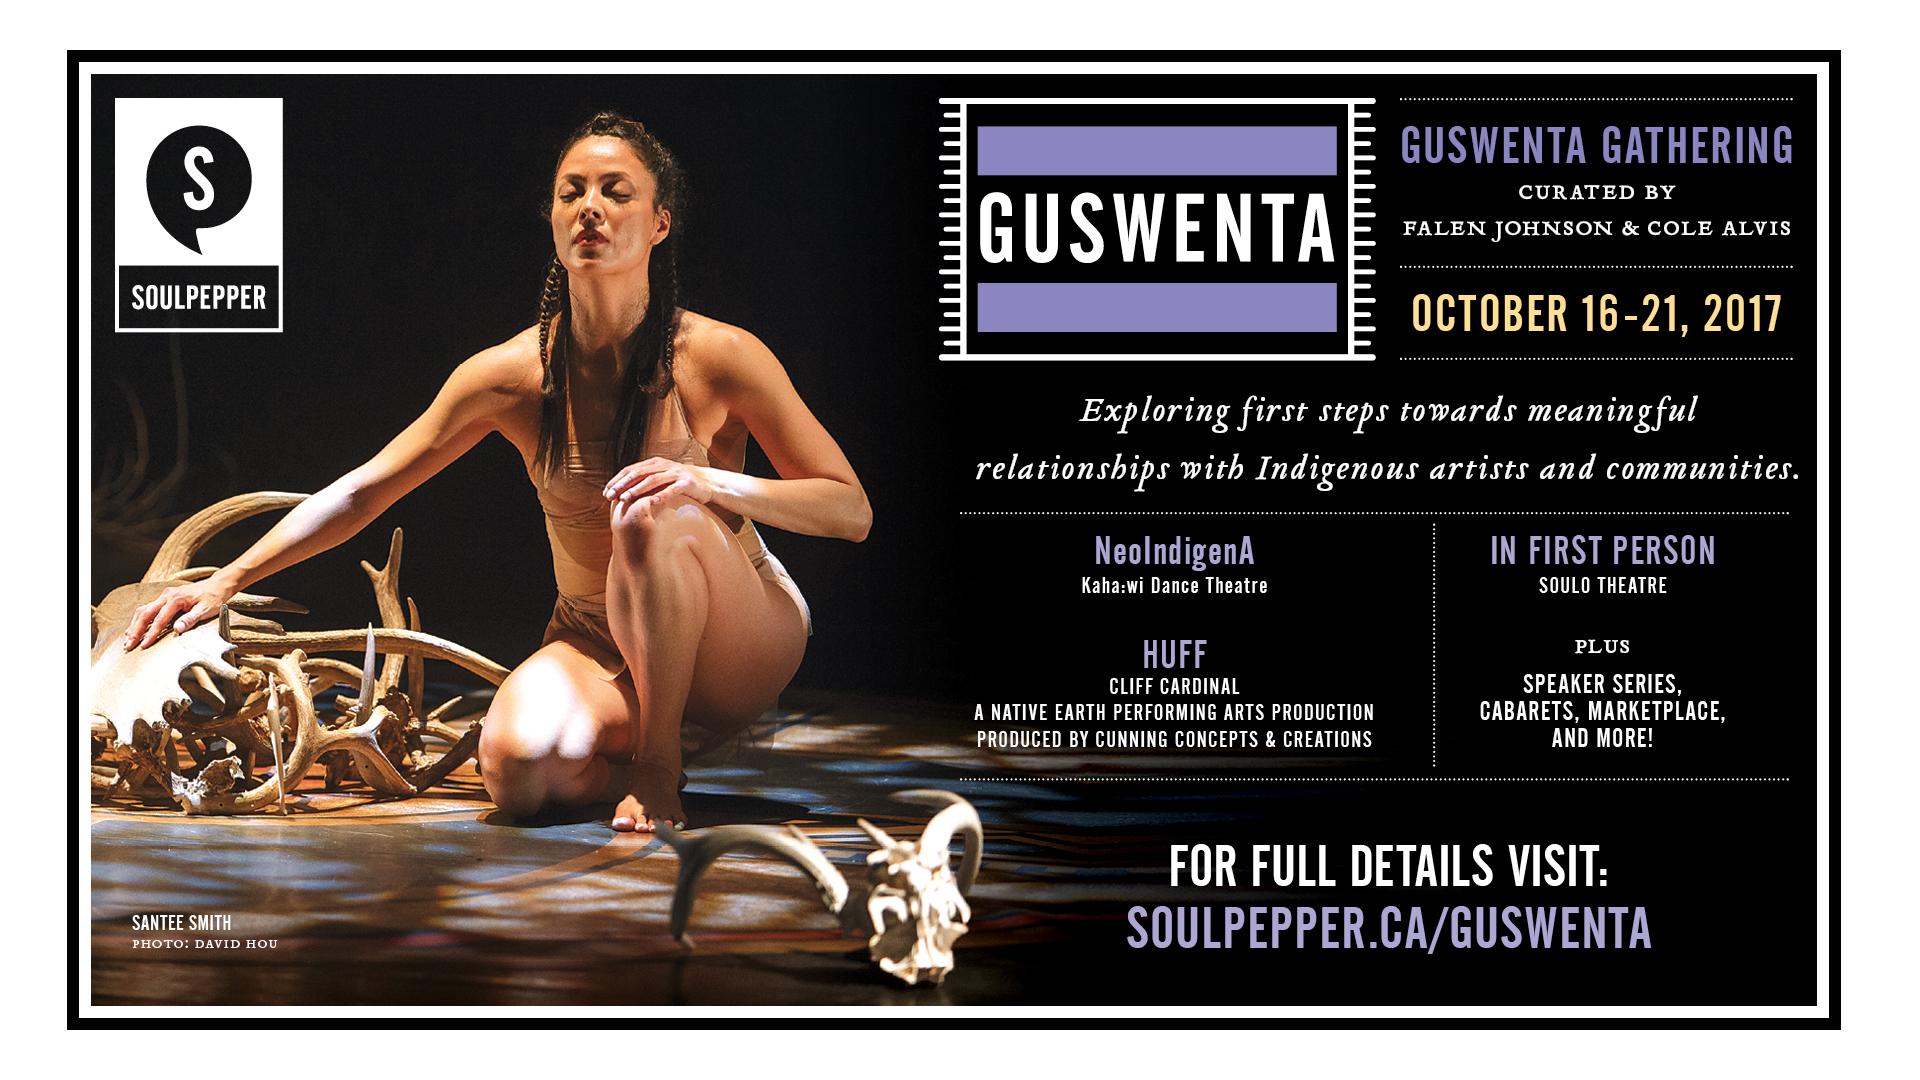 Guswenta Gathering